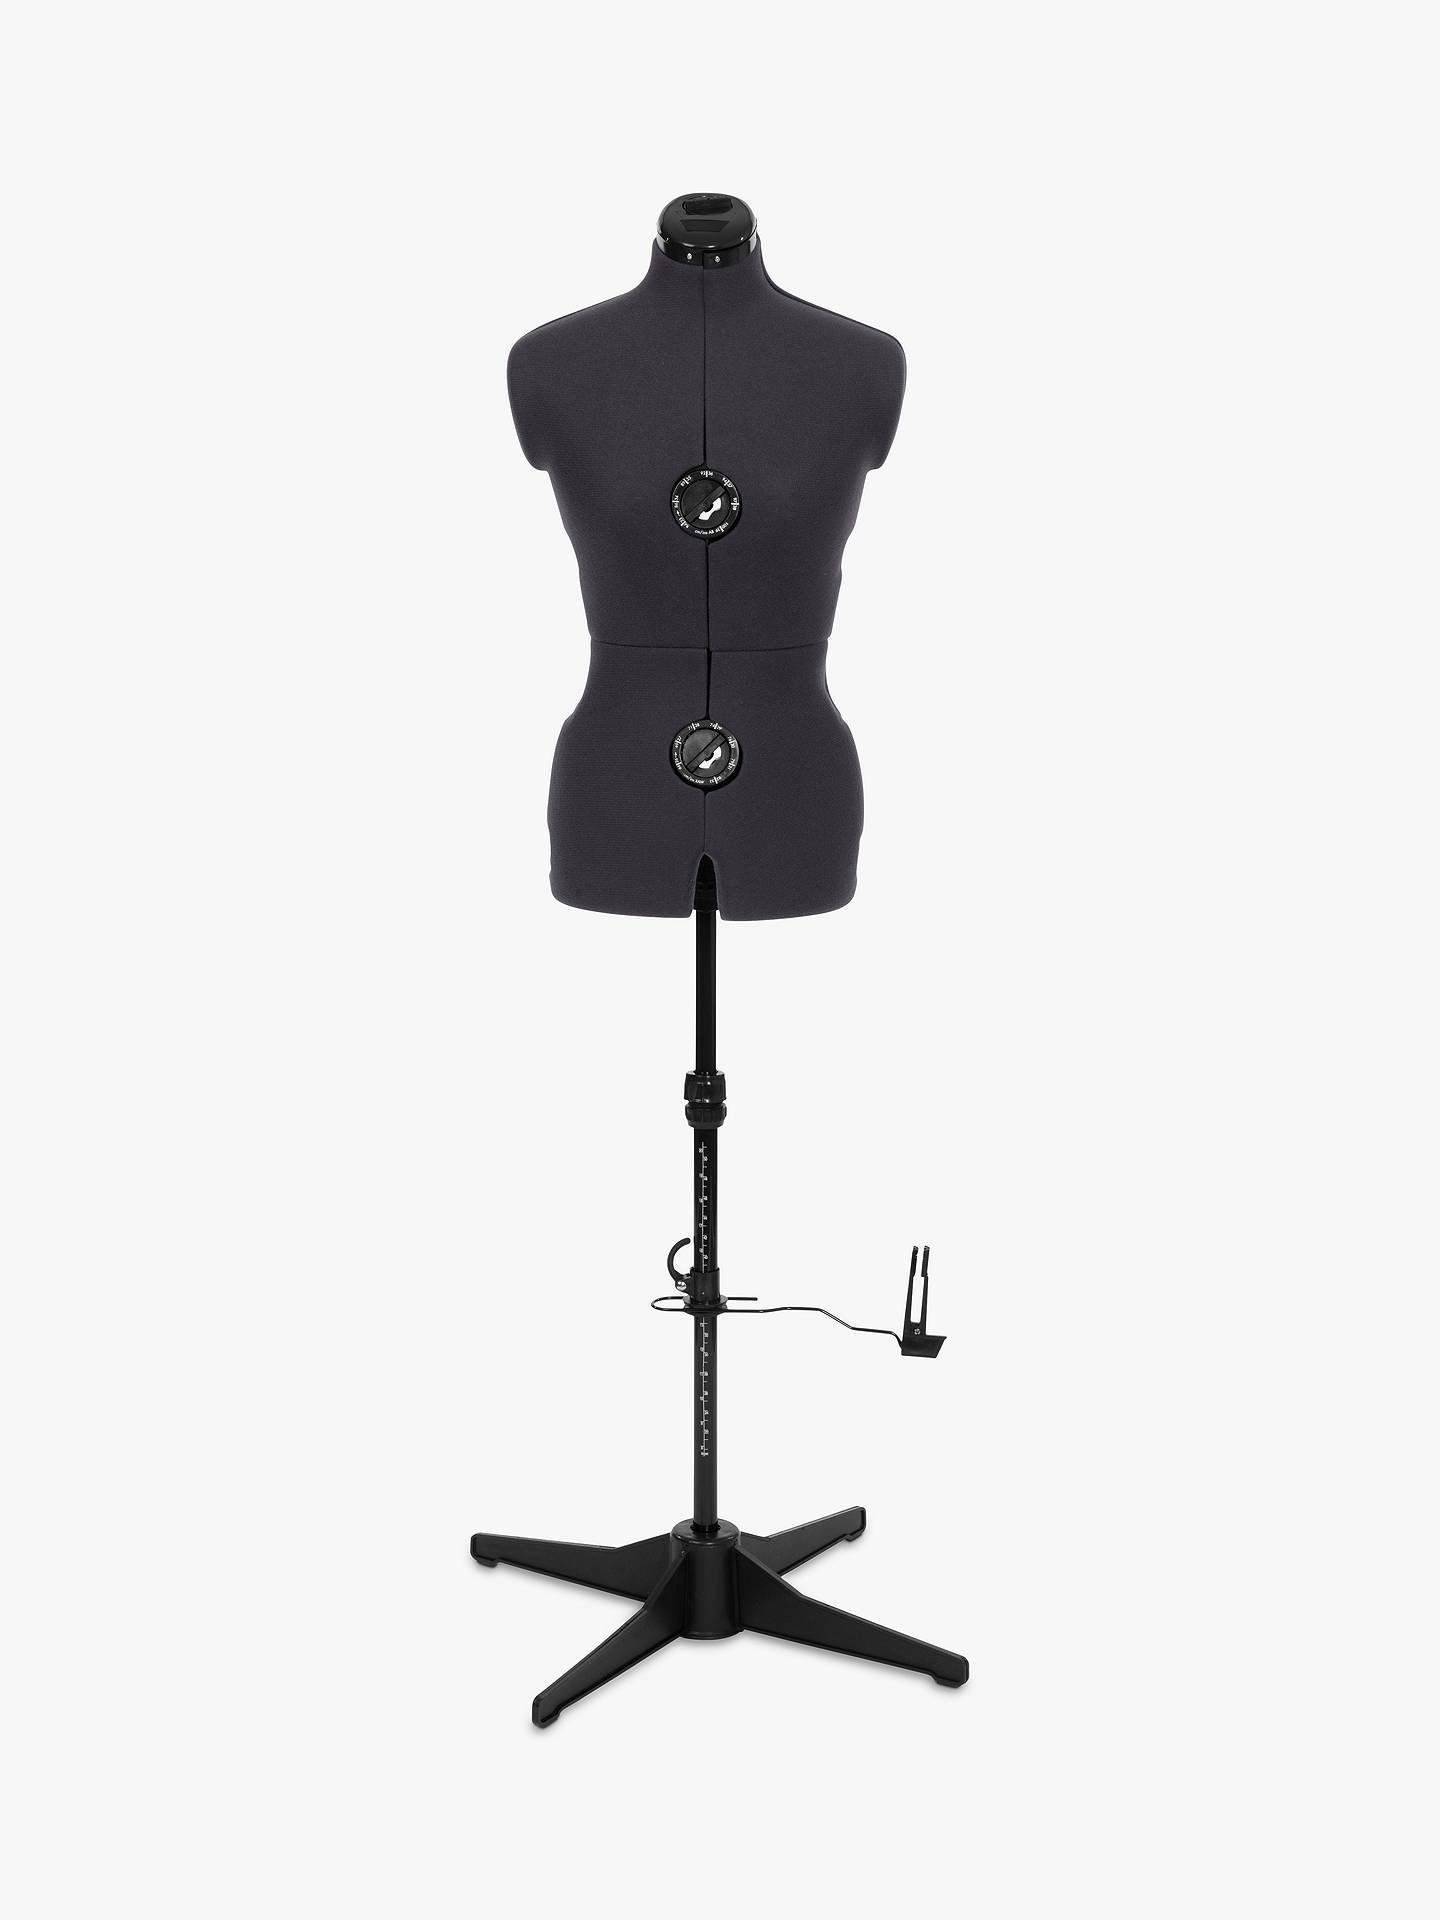 e8de7b6c6 Buy Adjustoform Tailormaid Entry Model Dressmaking Mannequin Online at  johnlewis.com